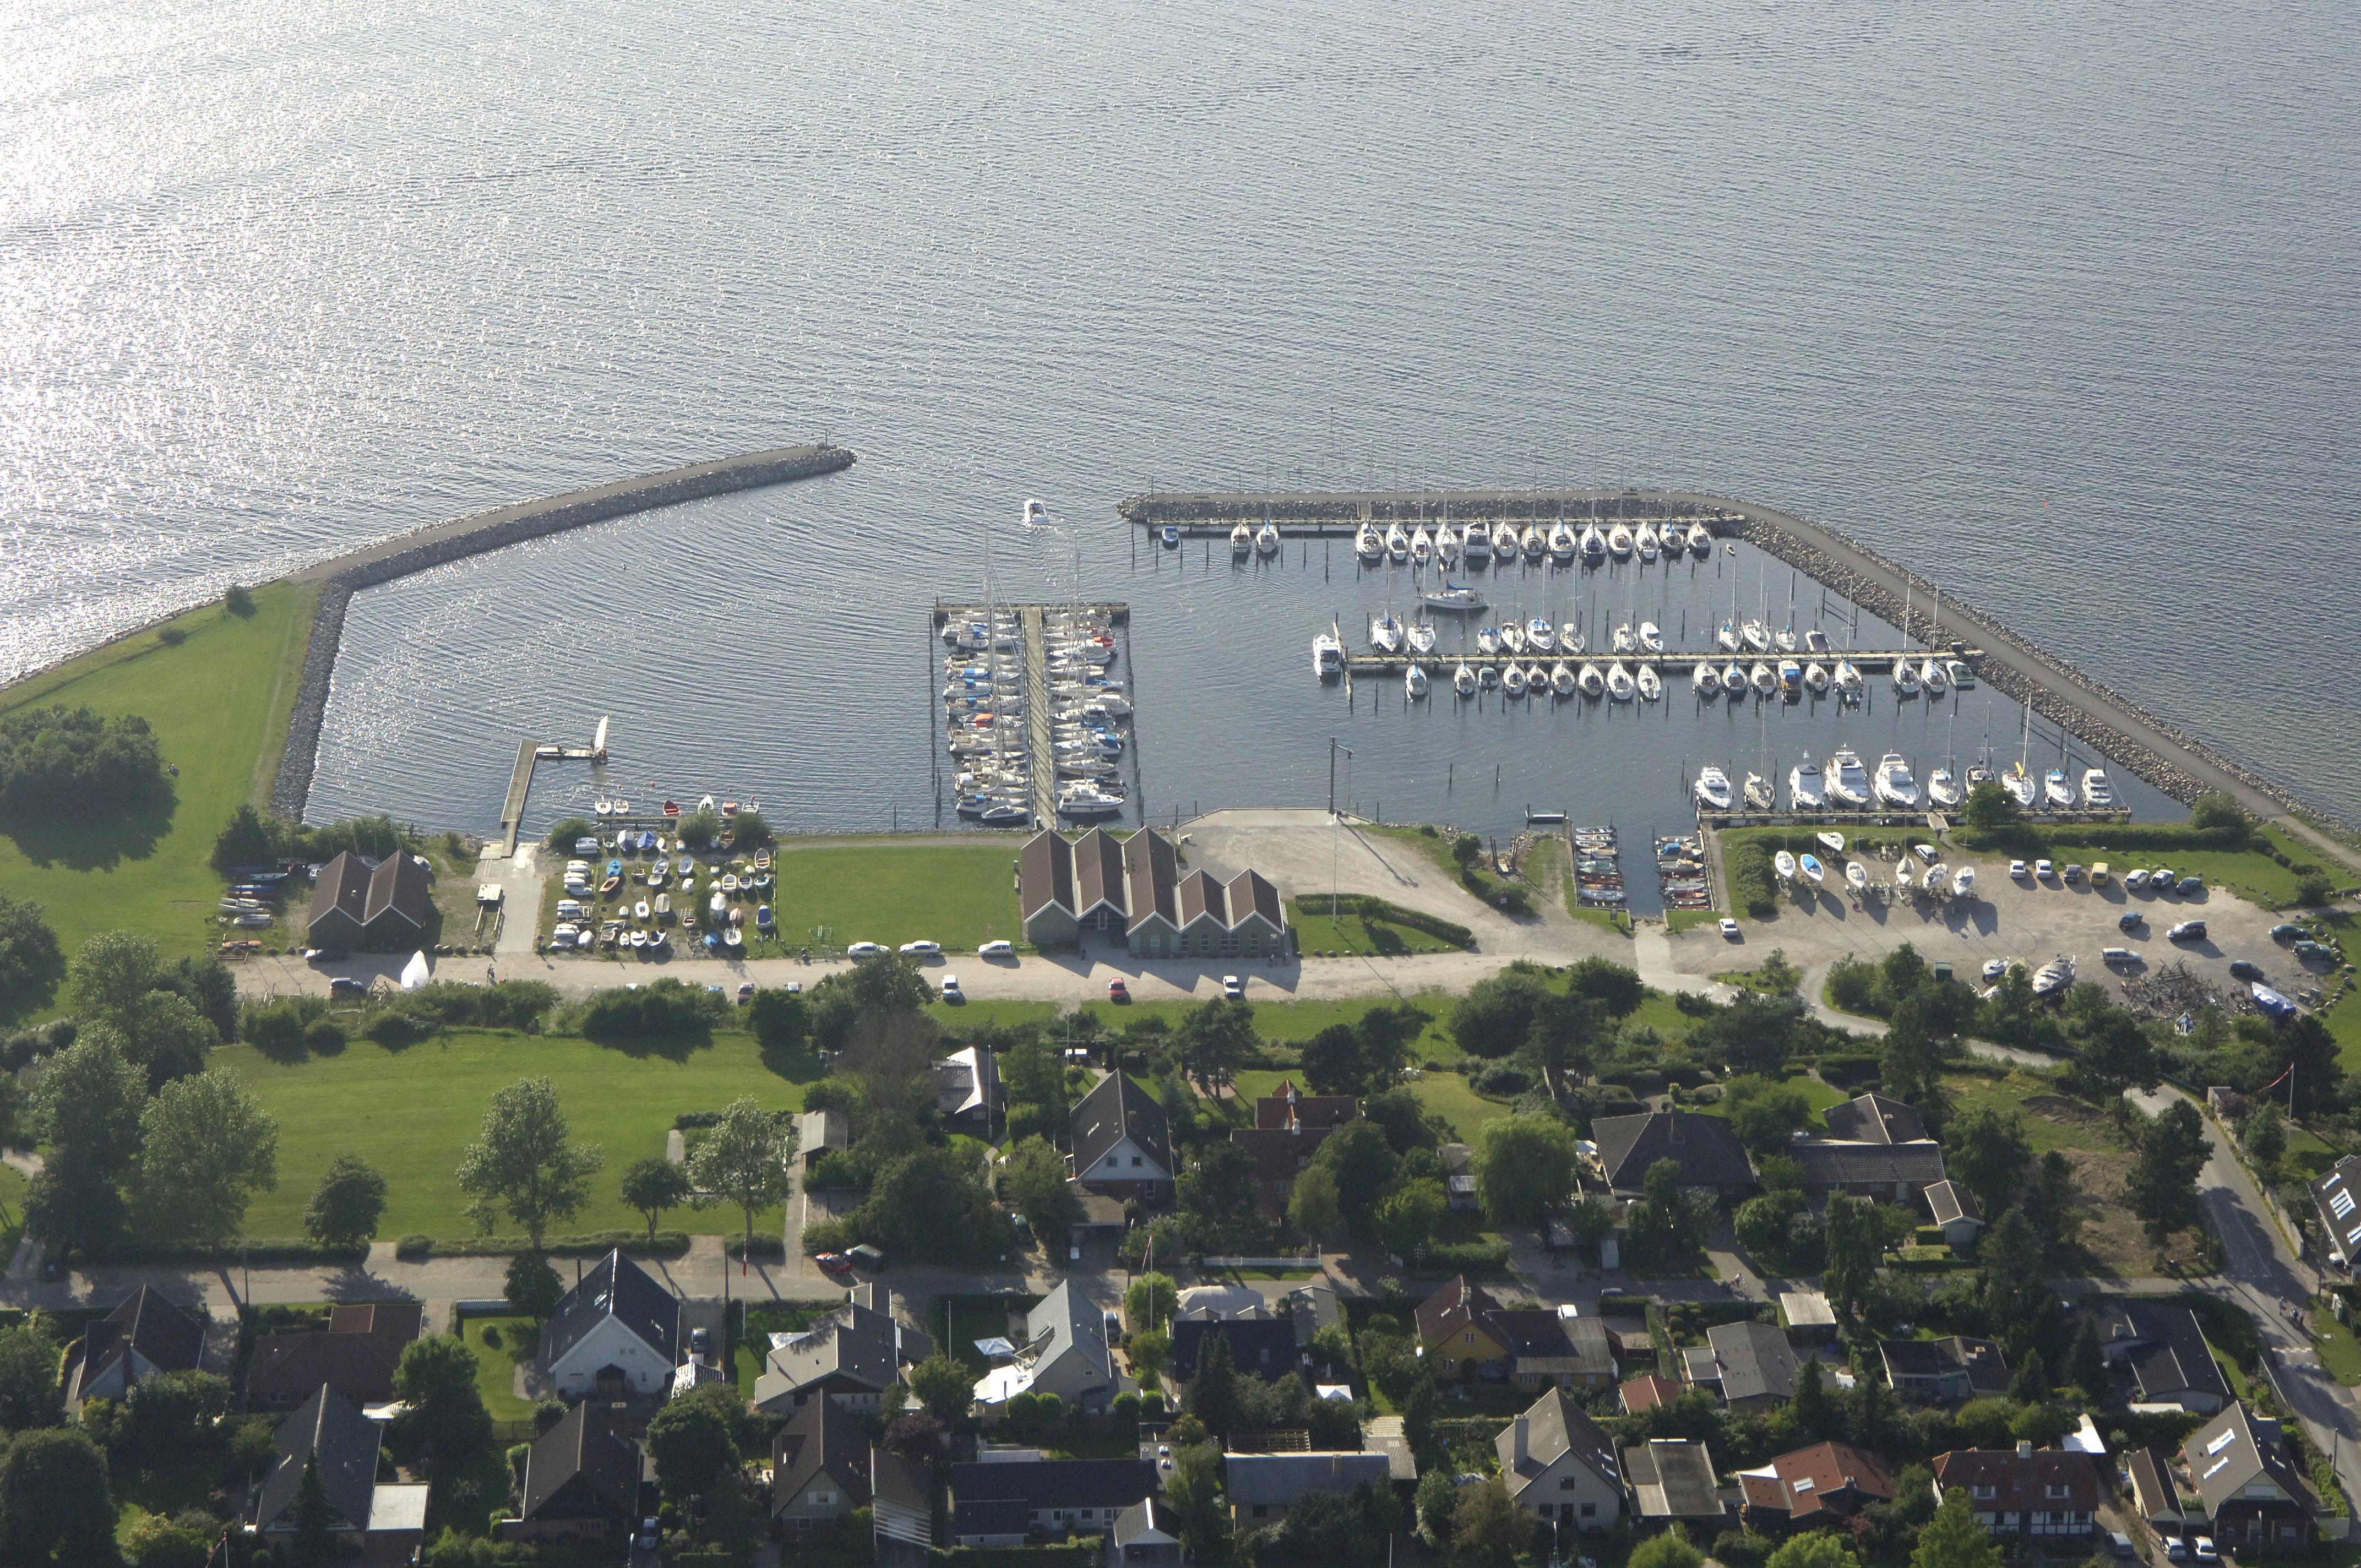 Veddelev Havn in Veddelev, Denmark - Marina Reviews - Phone Number ...